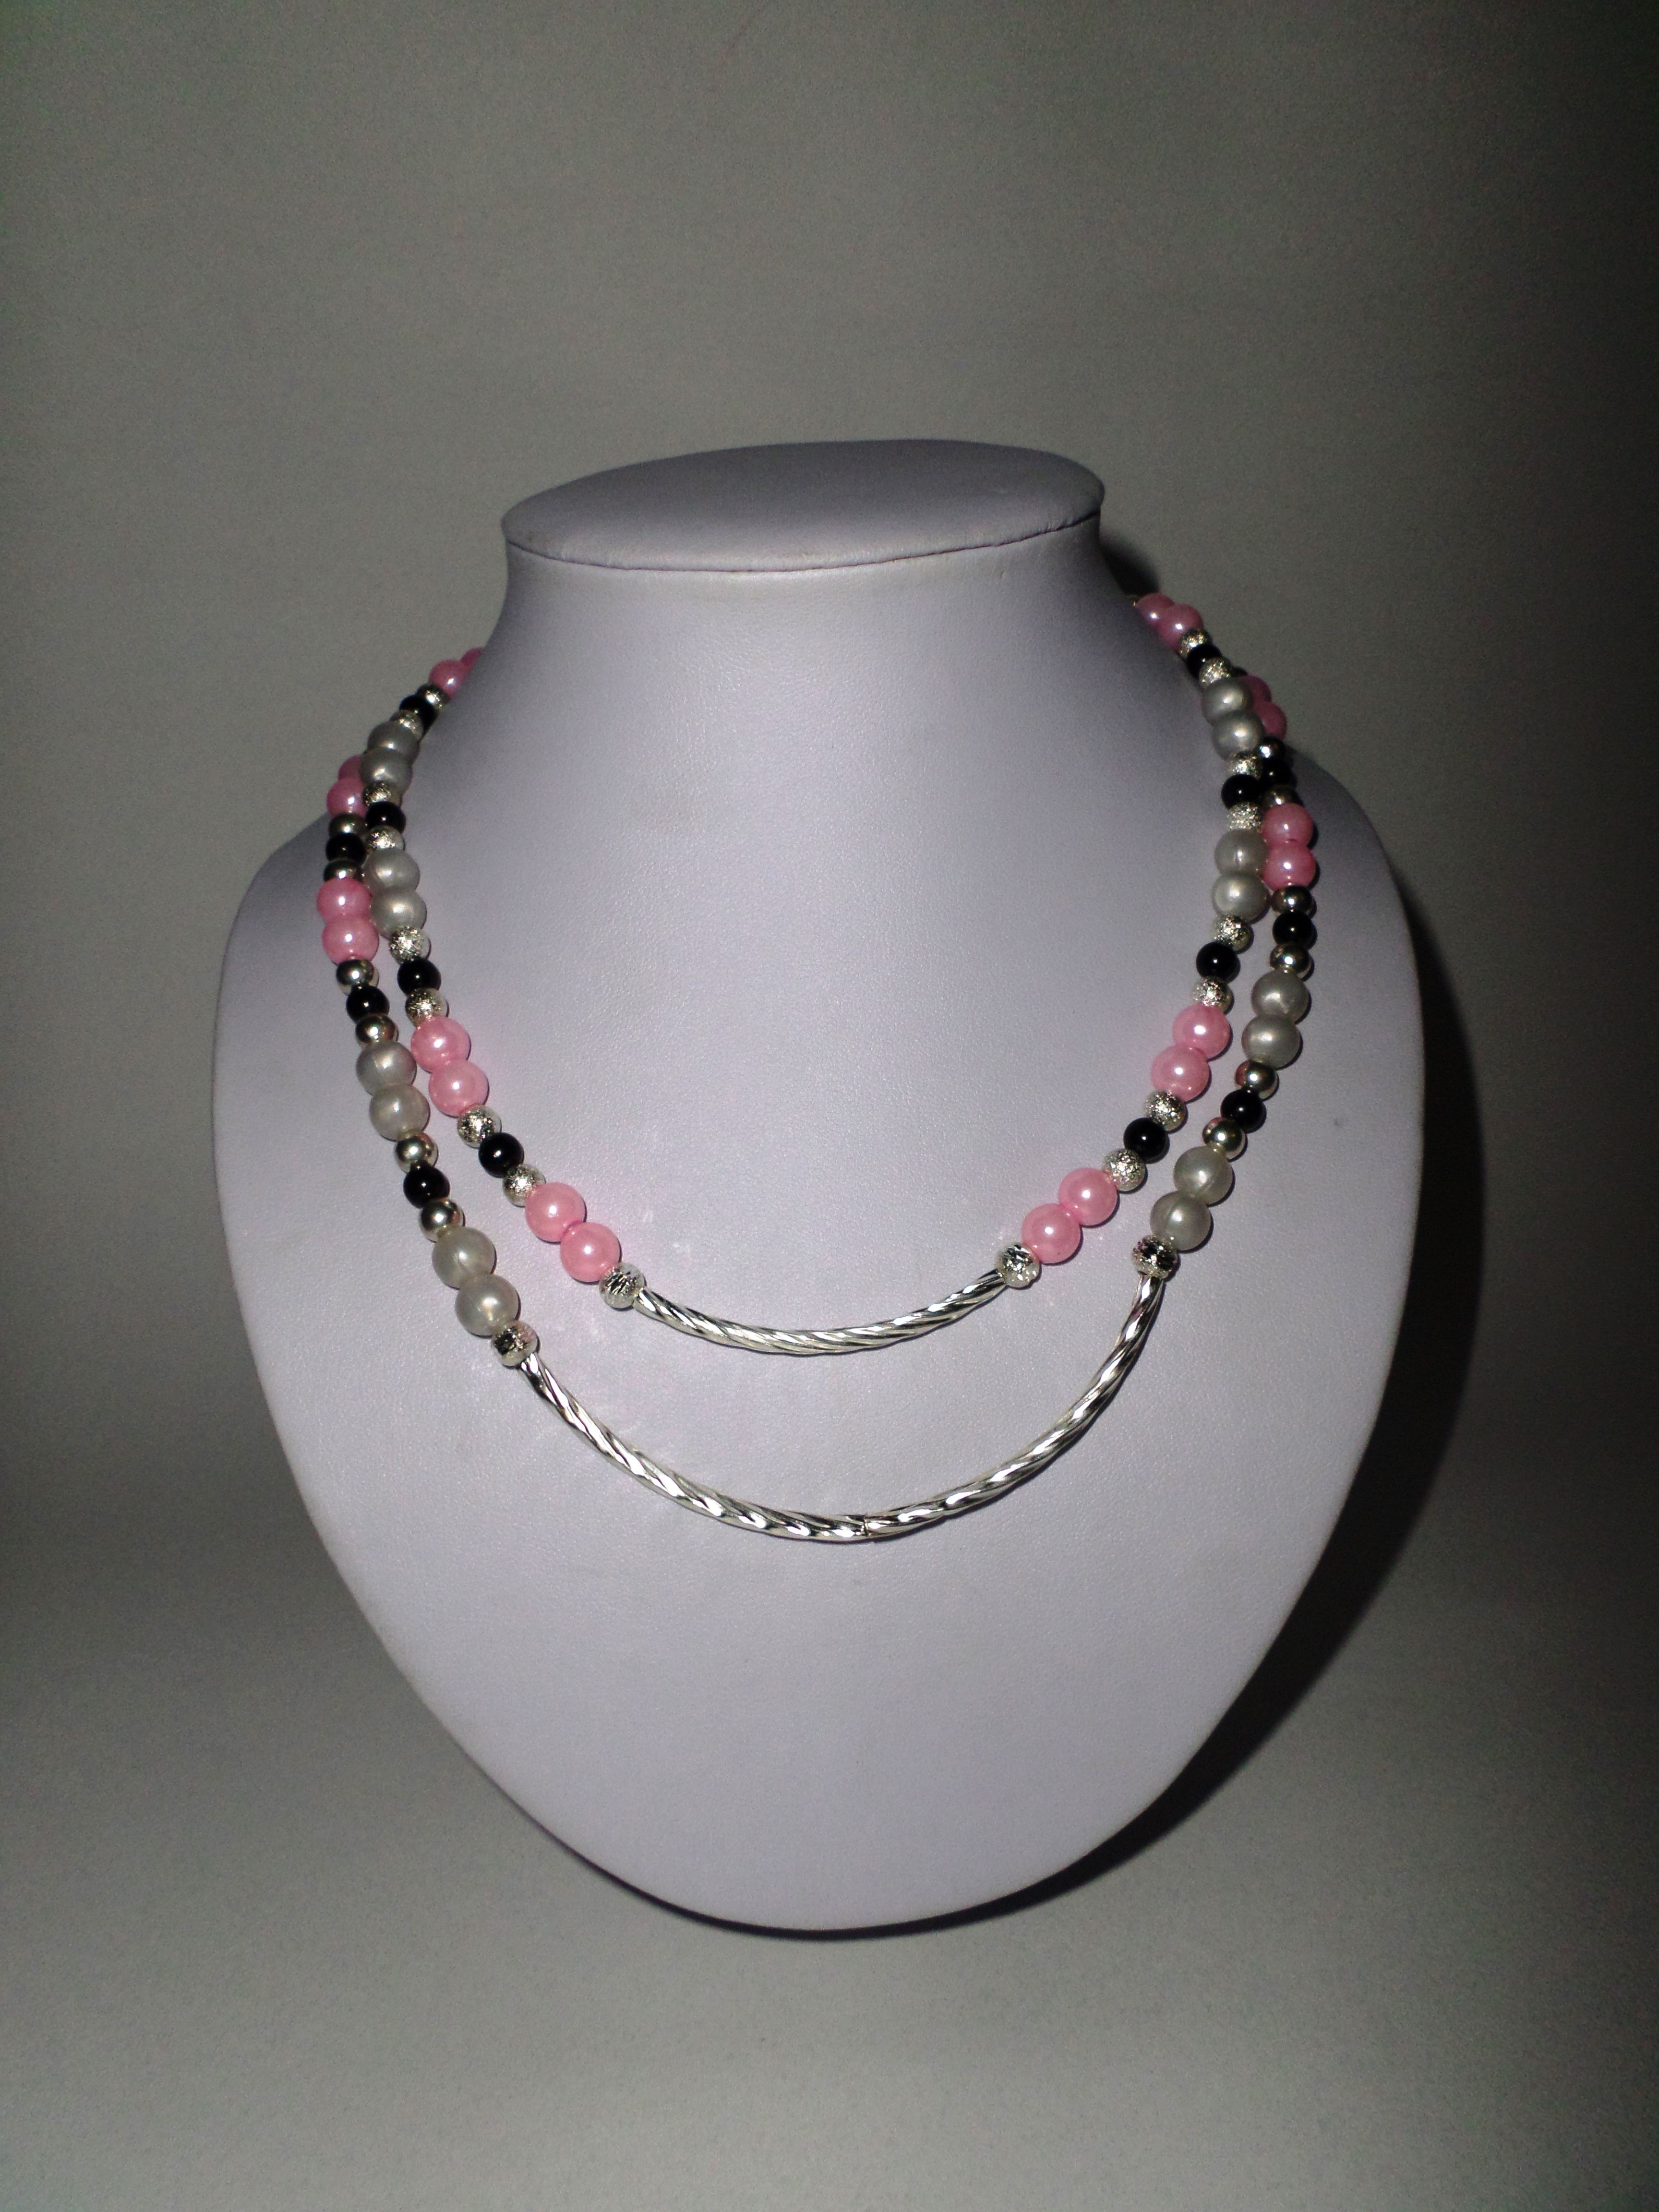 5a5f9faa152f 42. Collar doble linea con perlas rosas